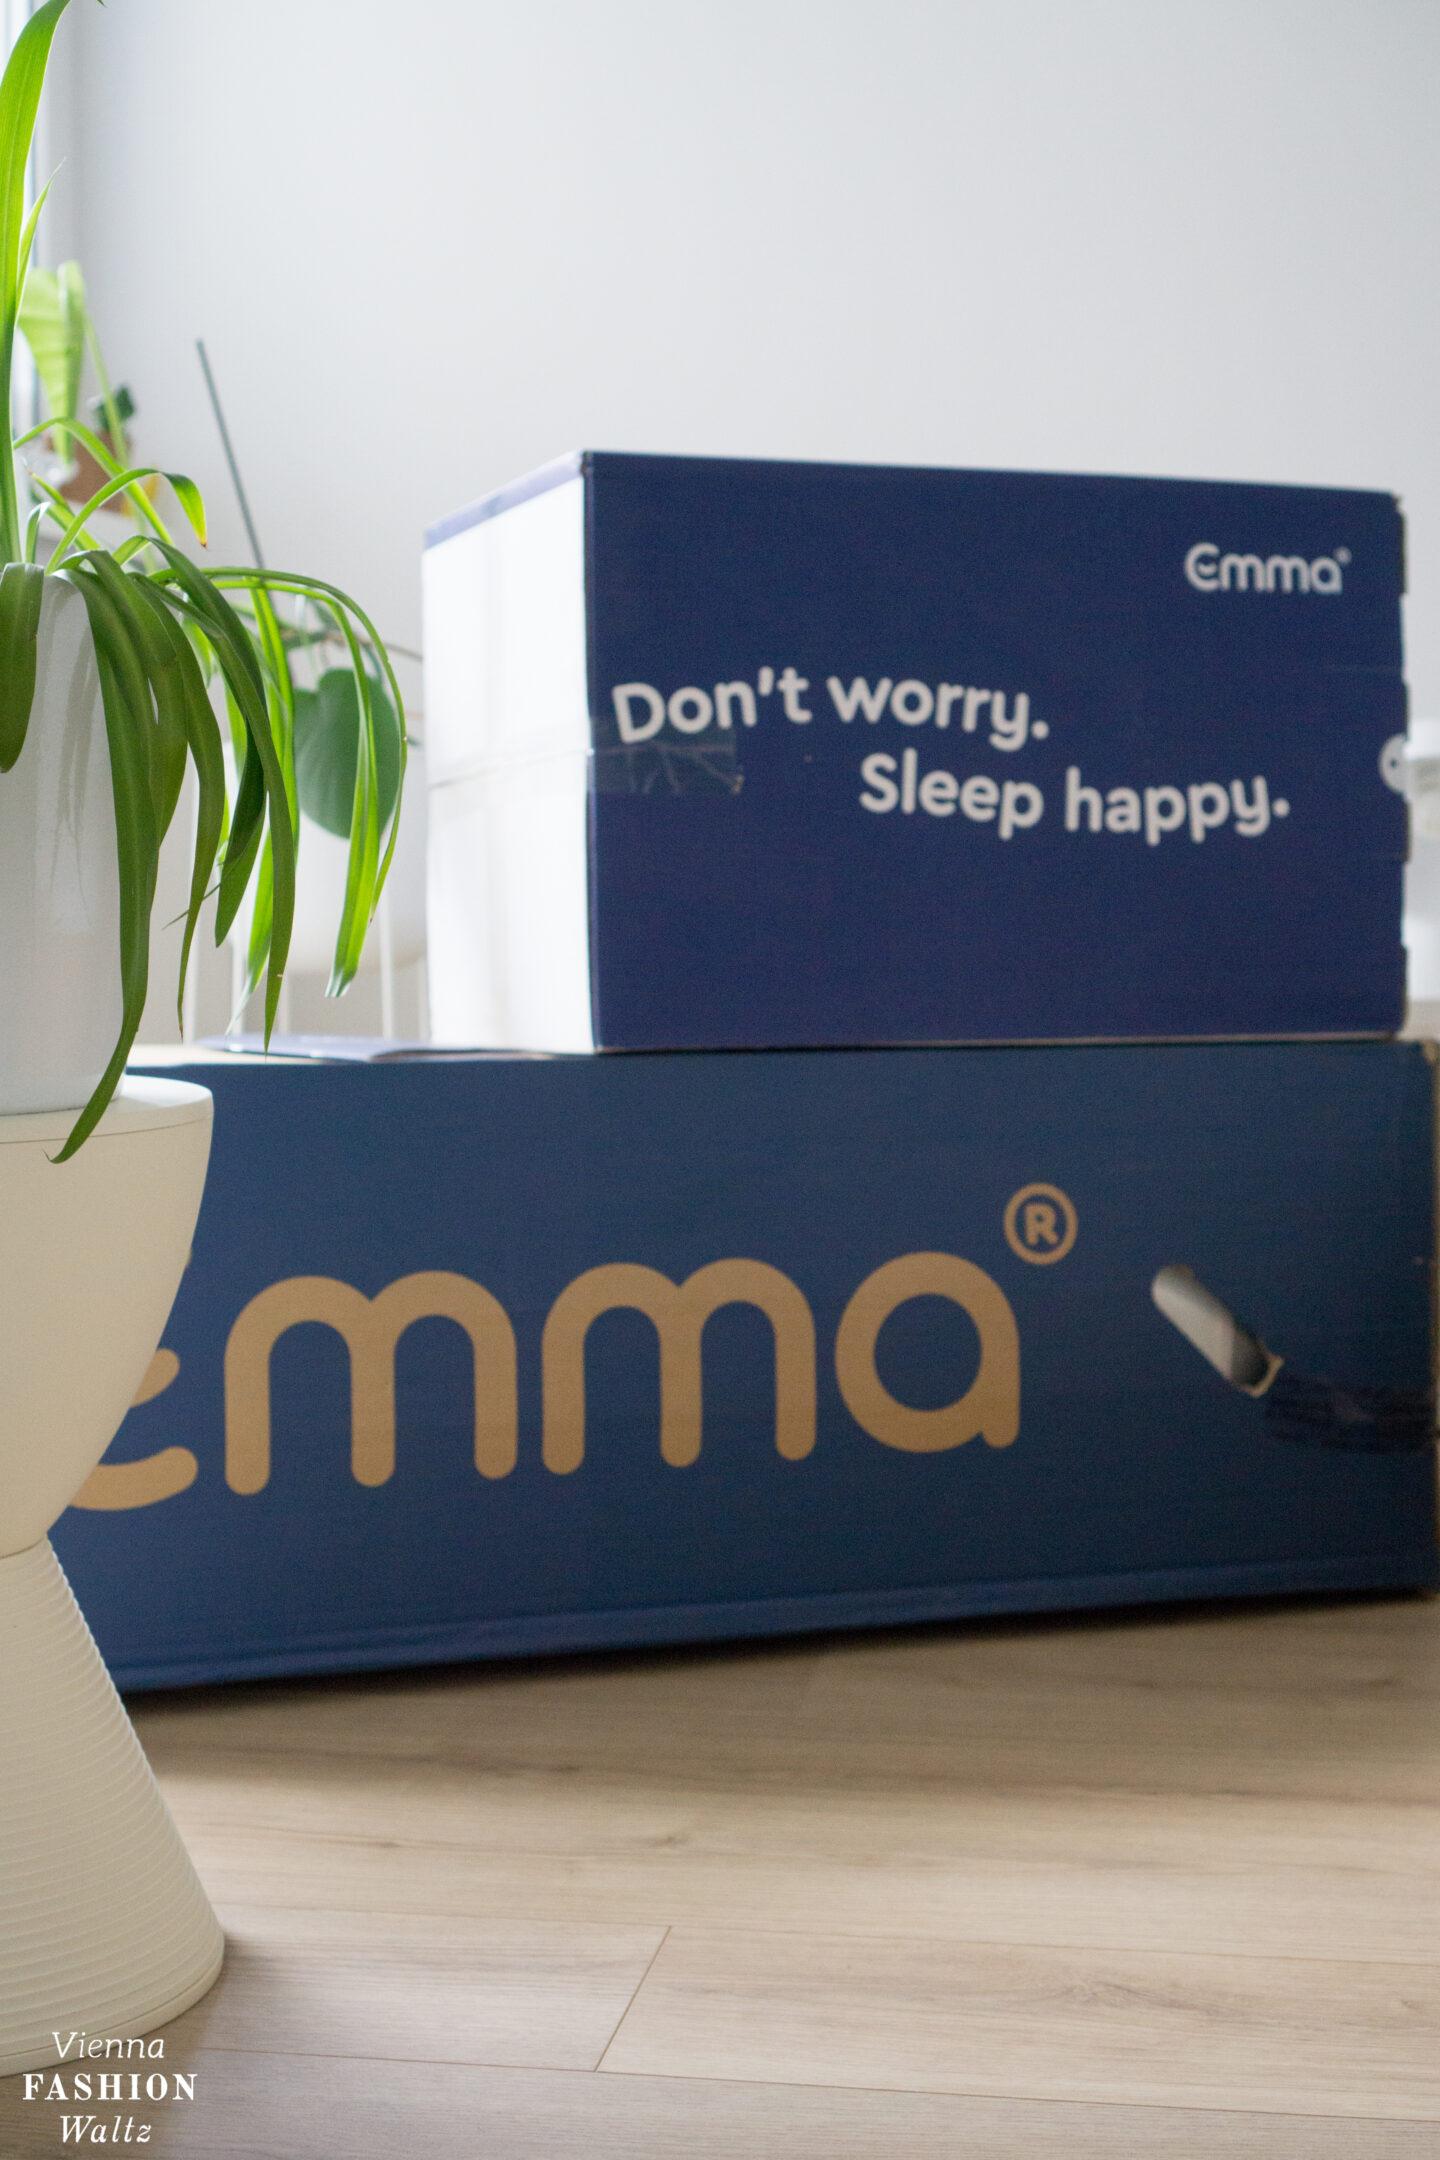 Paket mit Emma Matratze